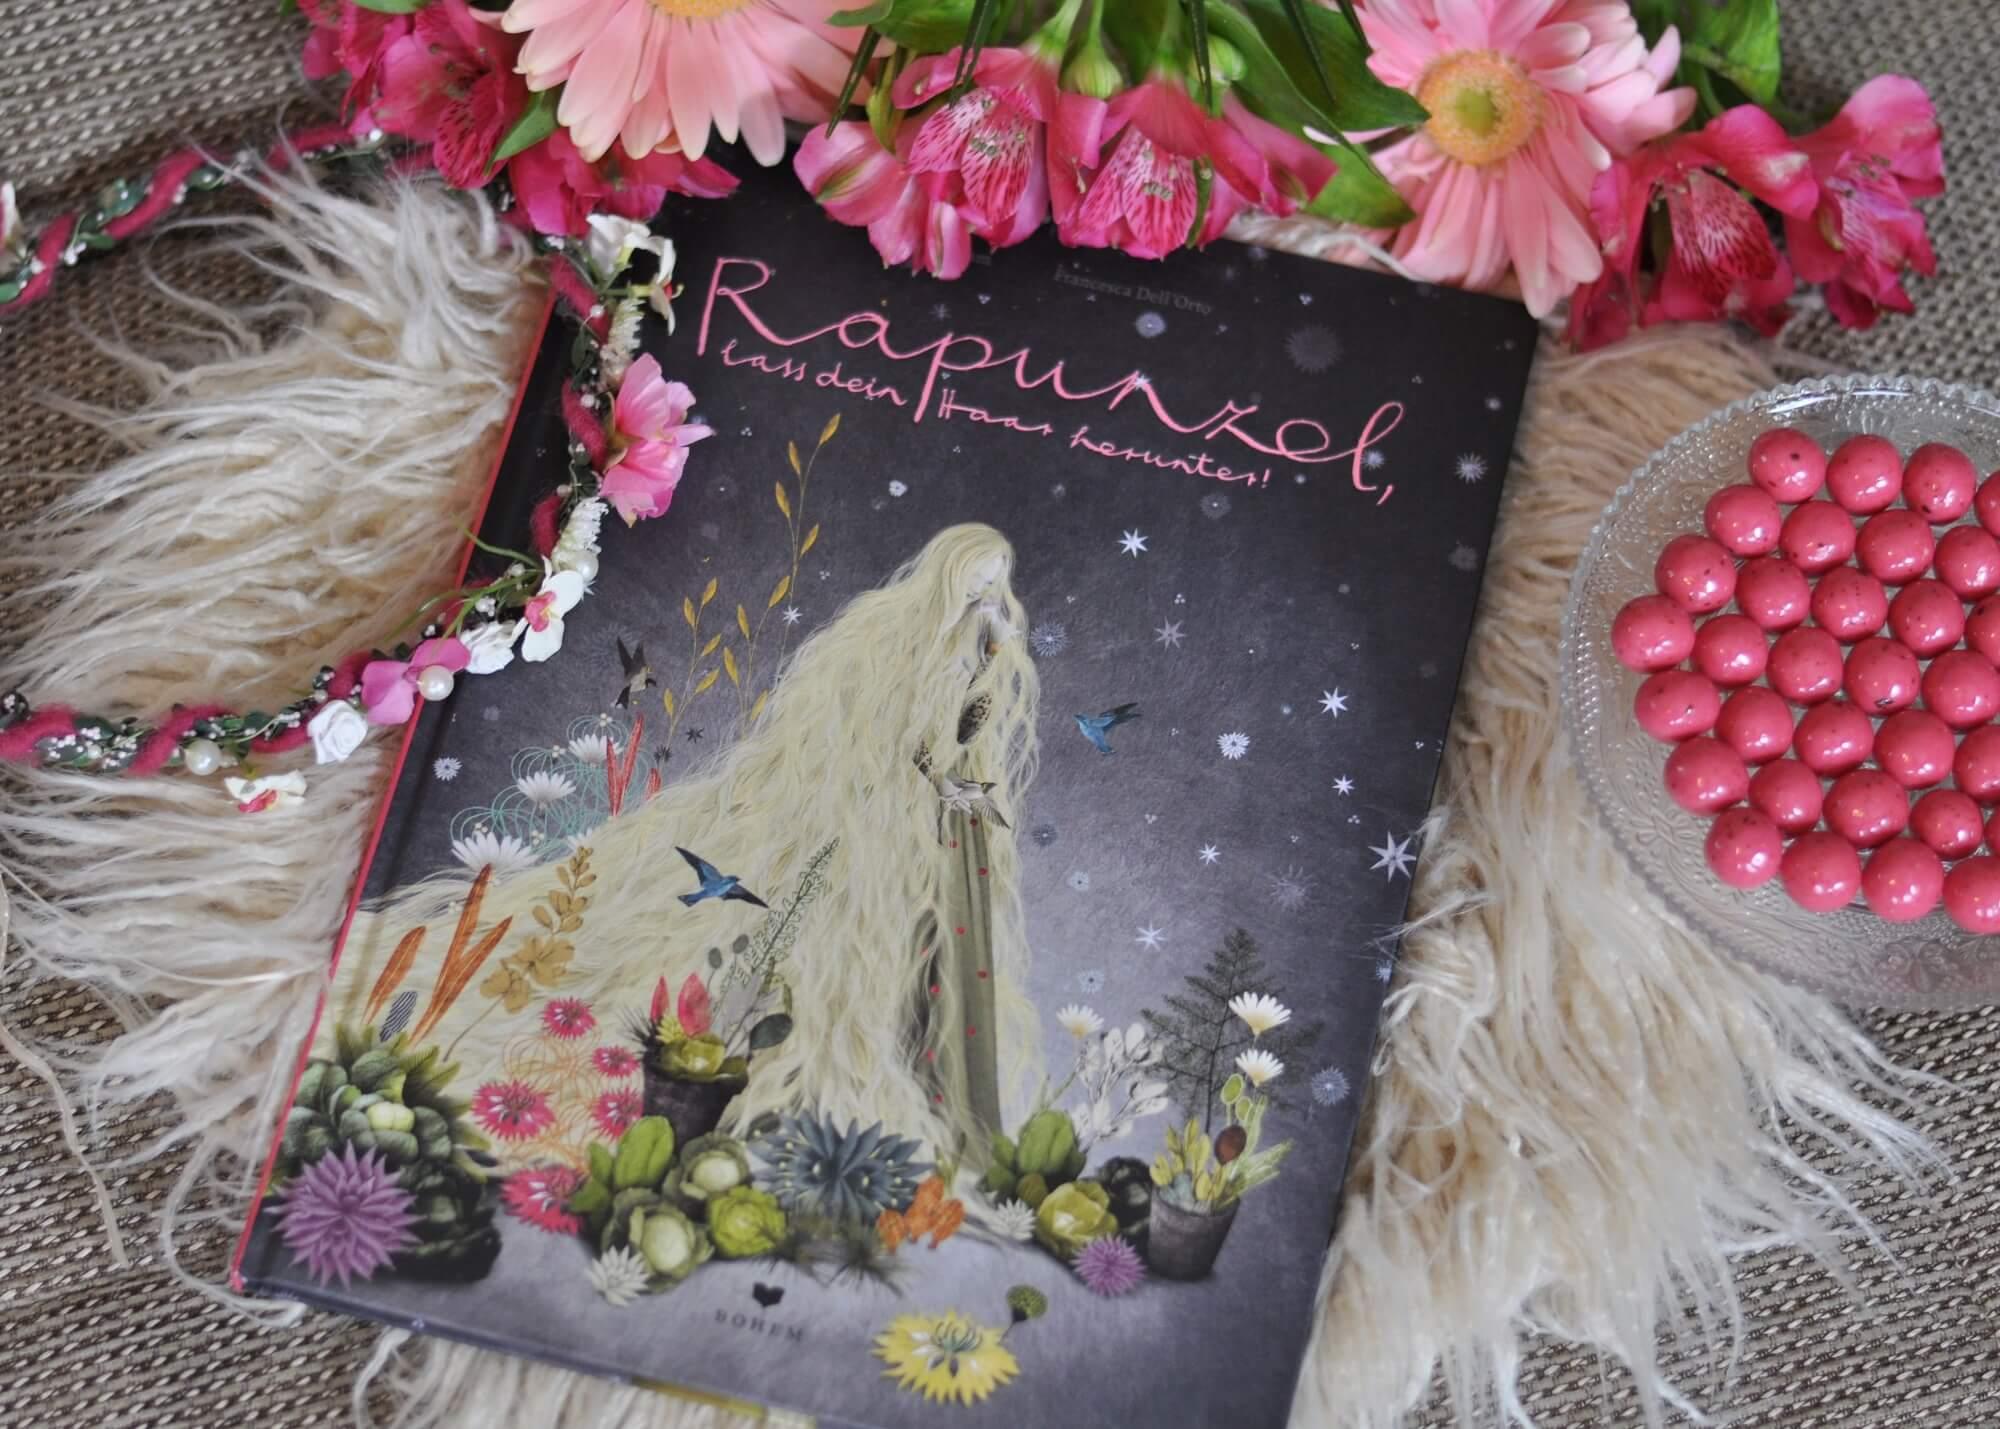 Rapunzel, lass deinn Haar herunter! Eindrucksvolle Interpretation mit märchenhaften Illustrationen von Francesca Dell'Orto. Doppelseitige Panoramabilder machen dieses Bilderbuch zu einem Lieblingsbuch für Kinder und Erwachsene. #rapunzel #märchen #bilderbuch #buch #prinz #traumhaft #illustration #kinder